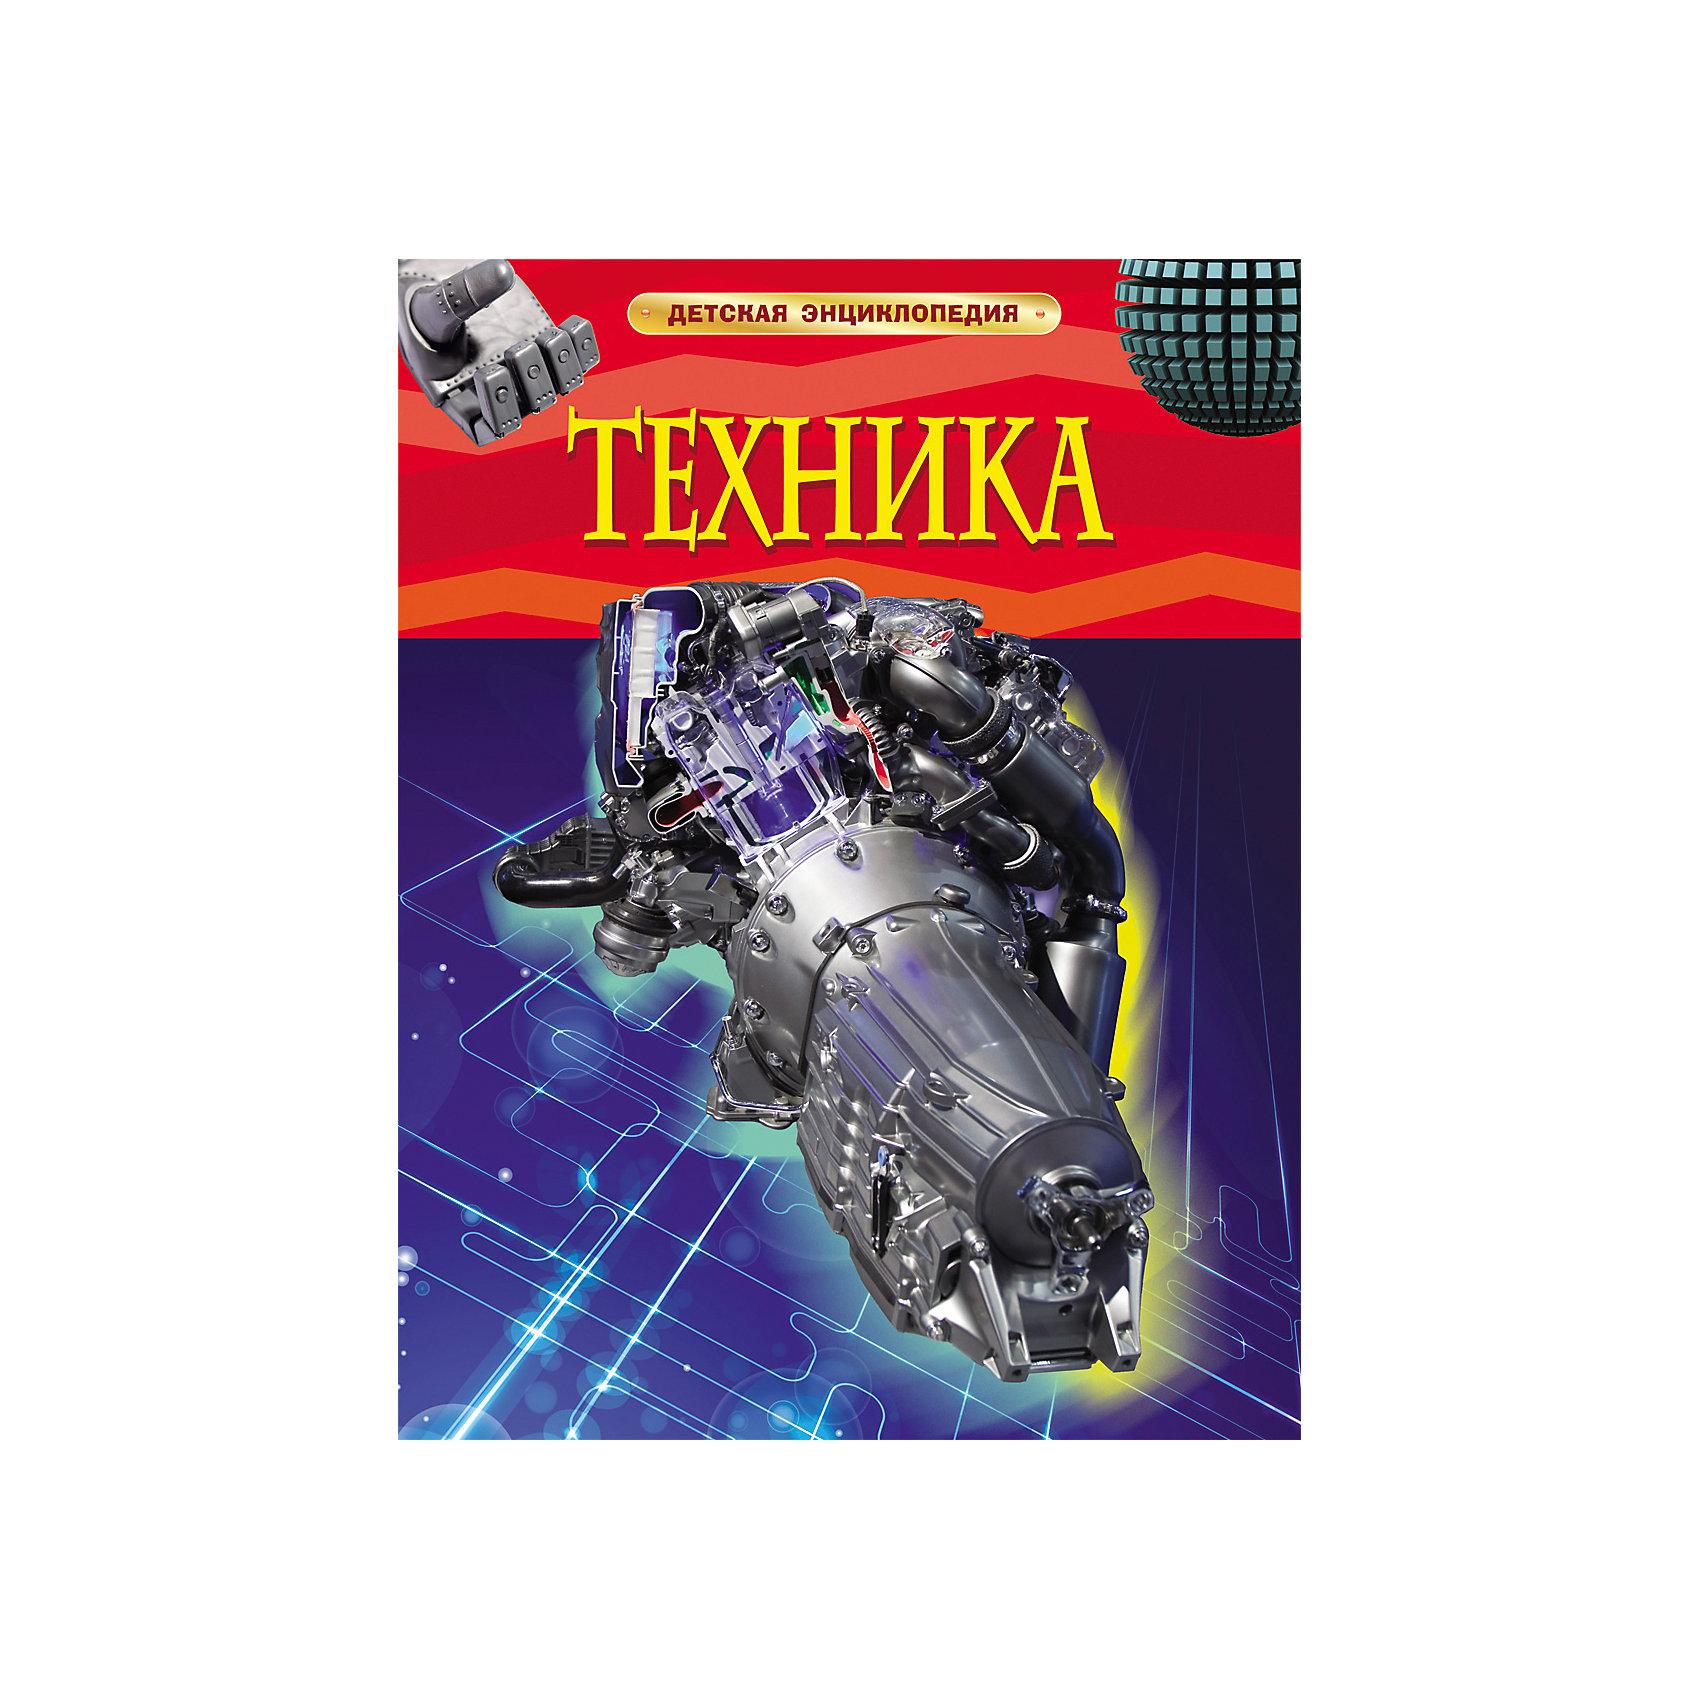 Детская энциклопедия ТехникаЭнциклопедии техники<br>Из книги читатель узнает о новых технологиях, которые пришли в мир современного человека. Доступно и понятно книга расскажет о современных источниках энергии, технологиях строительства тоннелей и мостов, уникальном железнодорожном транспорте, о том, как ракеты достигают своей орбиты, о космическом туризме и лифте в космос. Читатель узнает, как работают высокотехнологичные приборы, ставшие неотъемлемой частью нашей жизни, как создаются спецэффекты и компьютерные игры и почему мы не падаем , когда несемся вниз головой на американских горках. Красочные иллюстрации наглядно демонстрируют этот знакомый, а порой неизвестный мир современной техники и технологий.<br><br>Ширина мм: 265<br>Глубина мм: 205<br>Высота мм: 7<br>Вес г: 339<br>Возраст от месяцев: 60<br>Возраст до месяцев: 144<br>Пол: Мужской<br>Возраст: Детский<br>SKU: 4782469